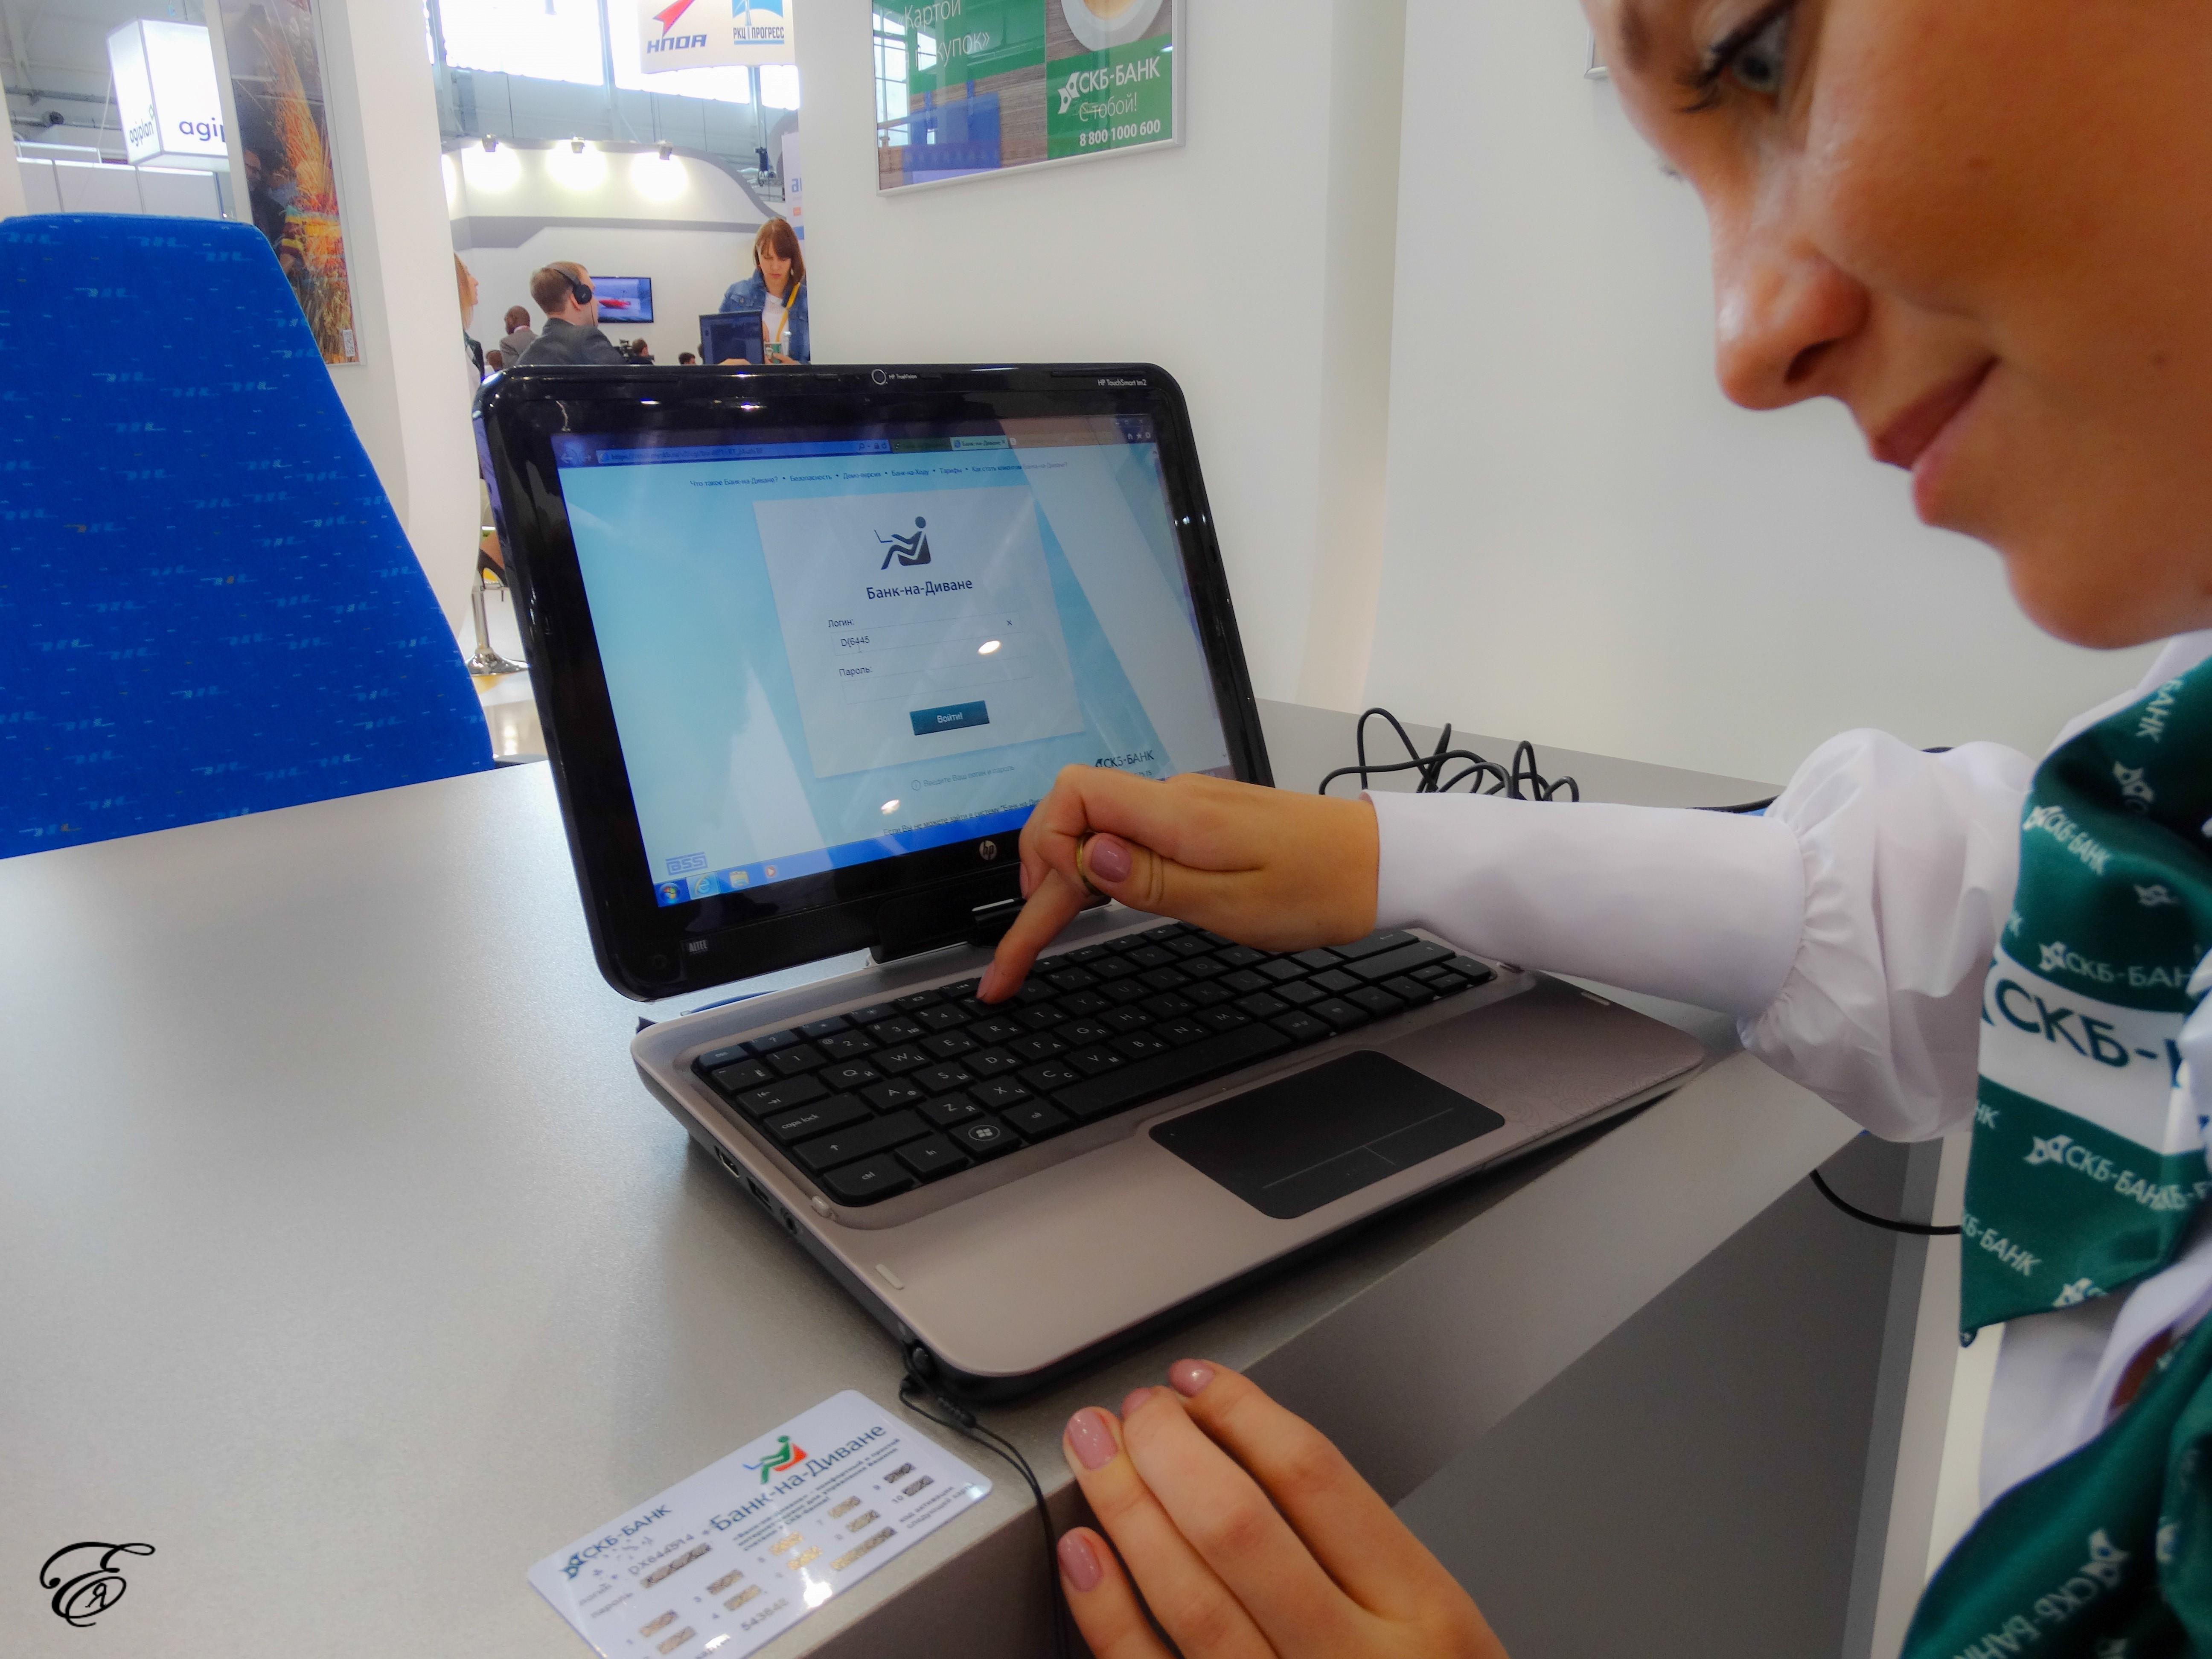 уральский банк бизнес онлайн вход в систему